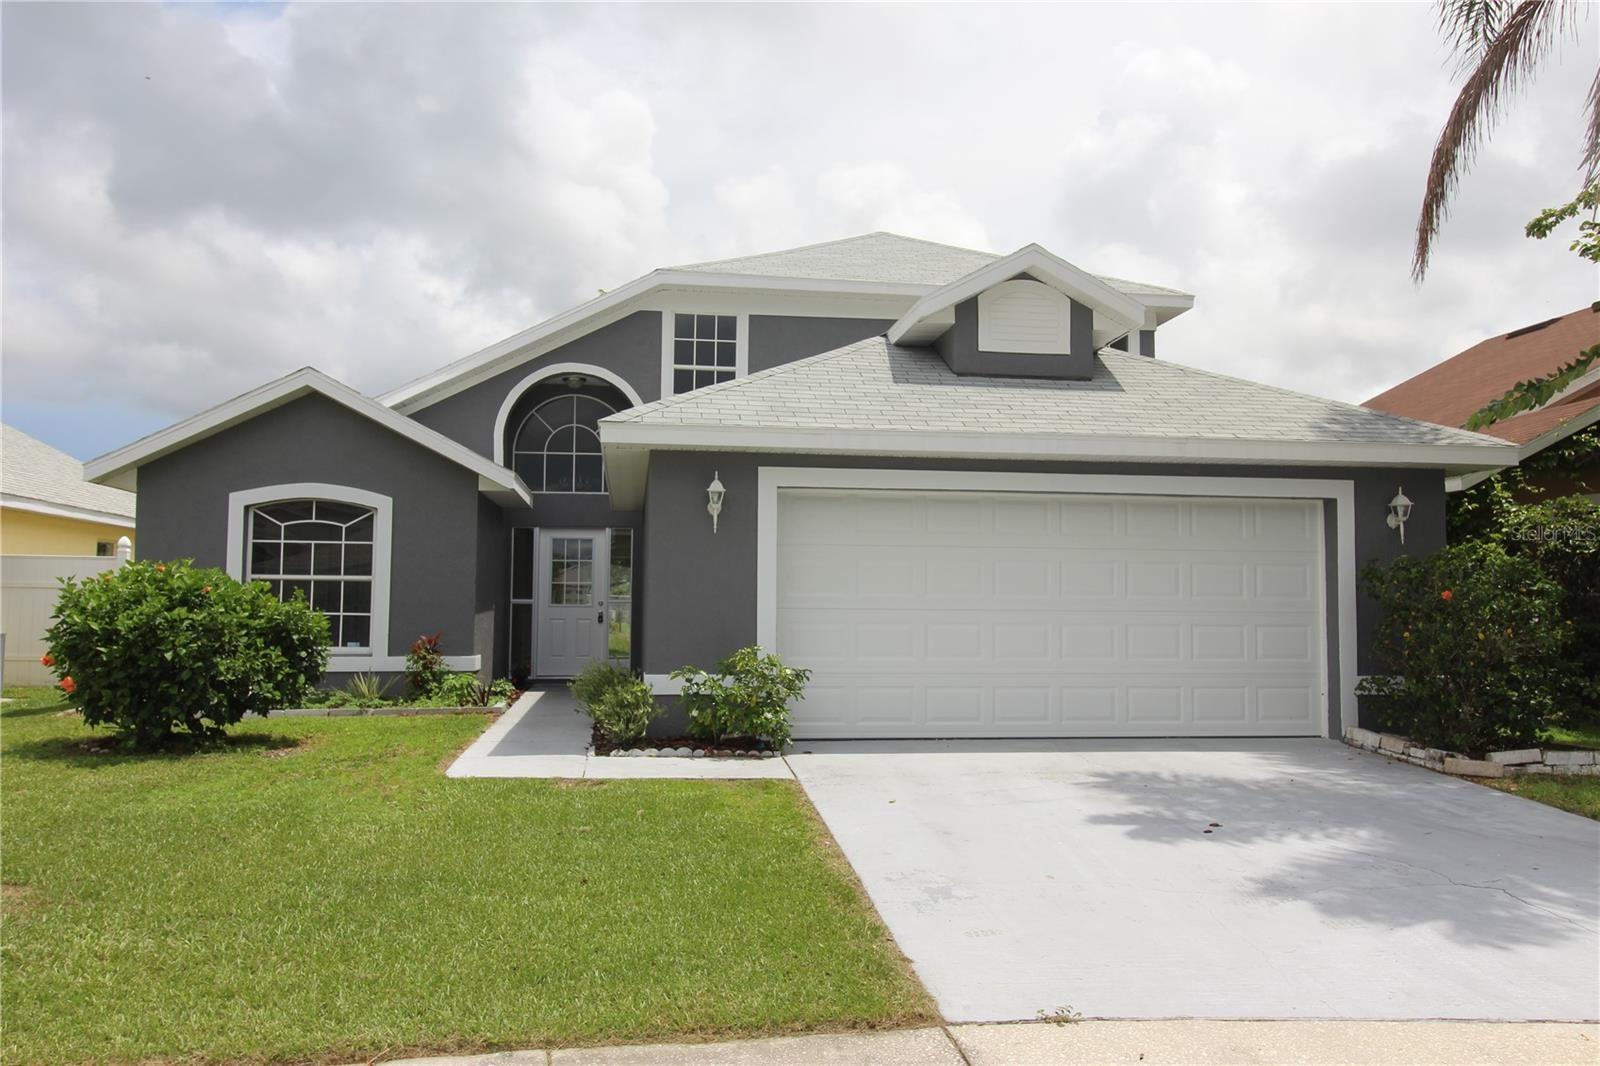 1851 WIMBLEDON STREET, Kissimmee, FL 34743 - MLS#: O5941765